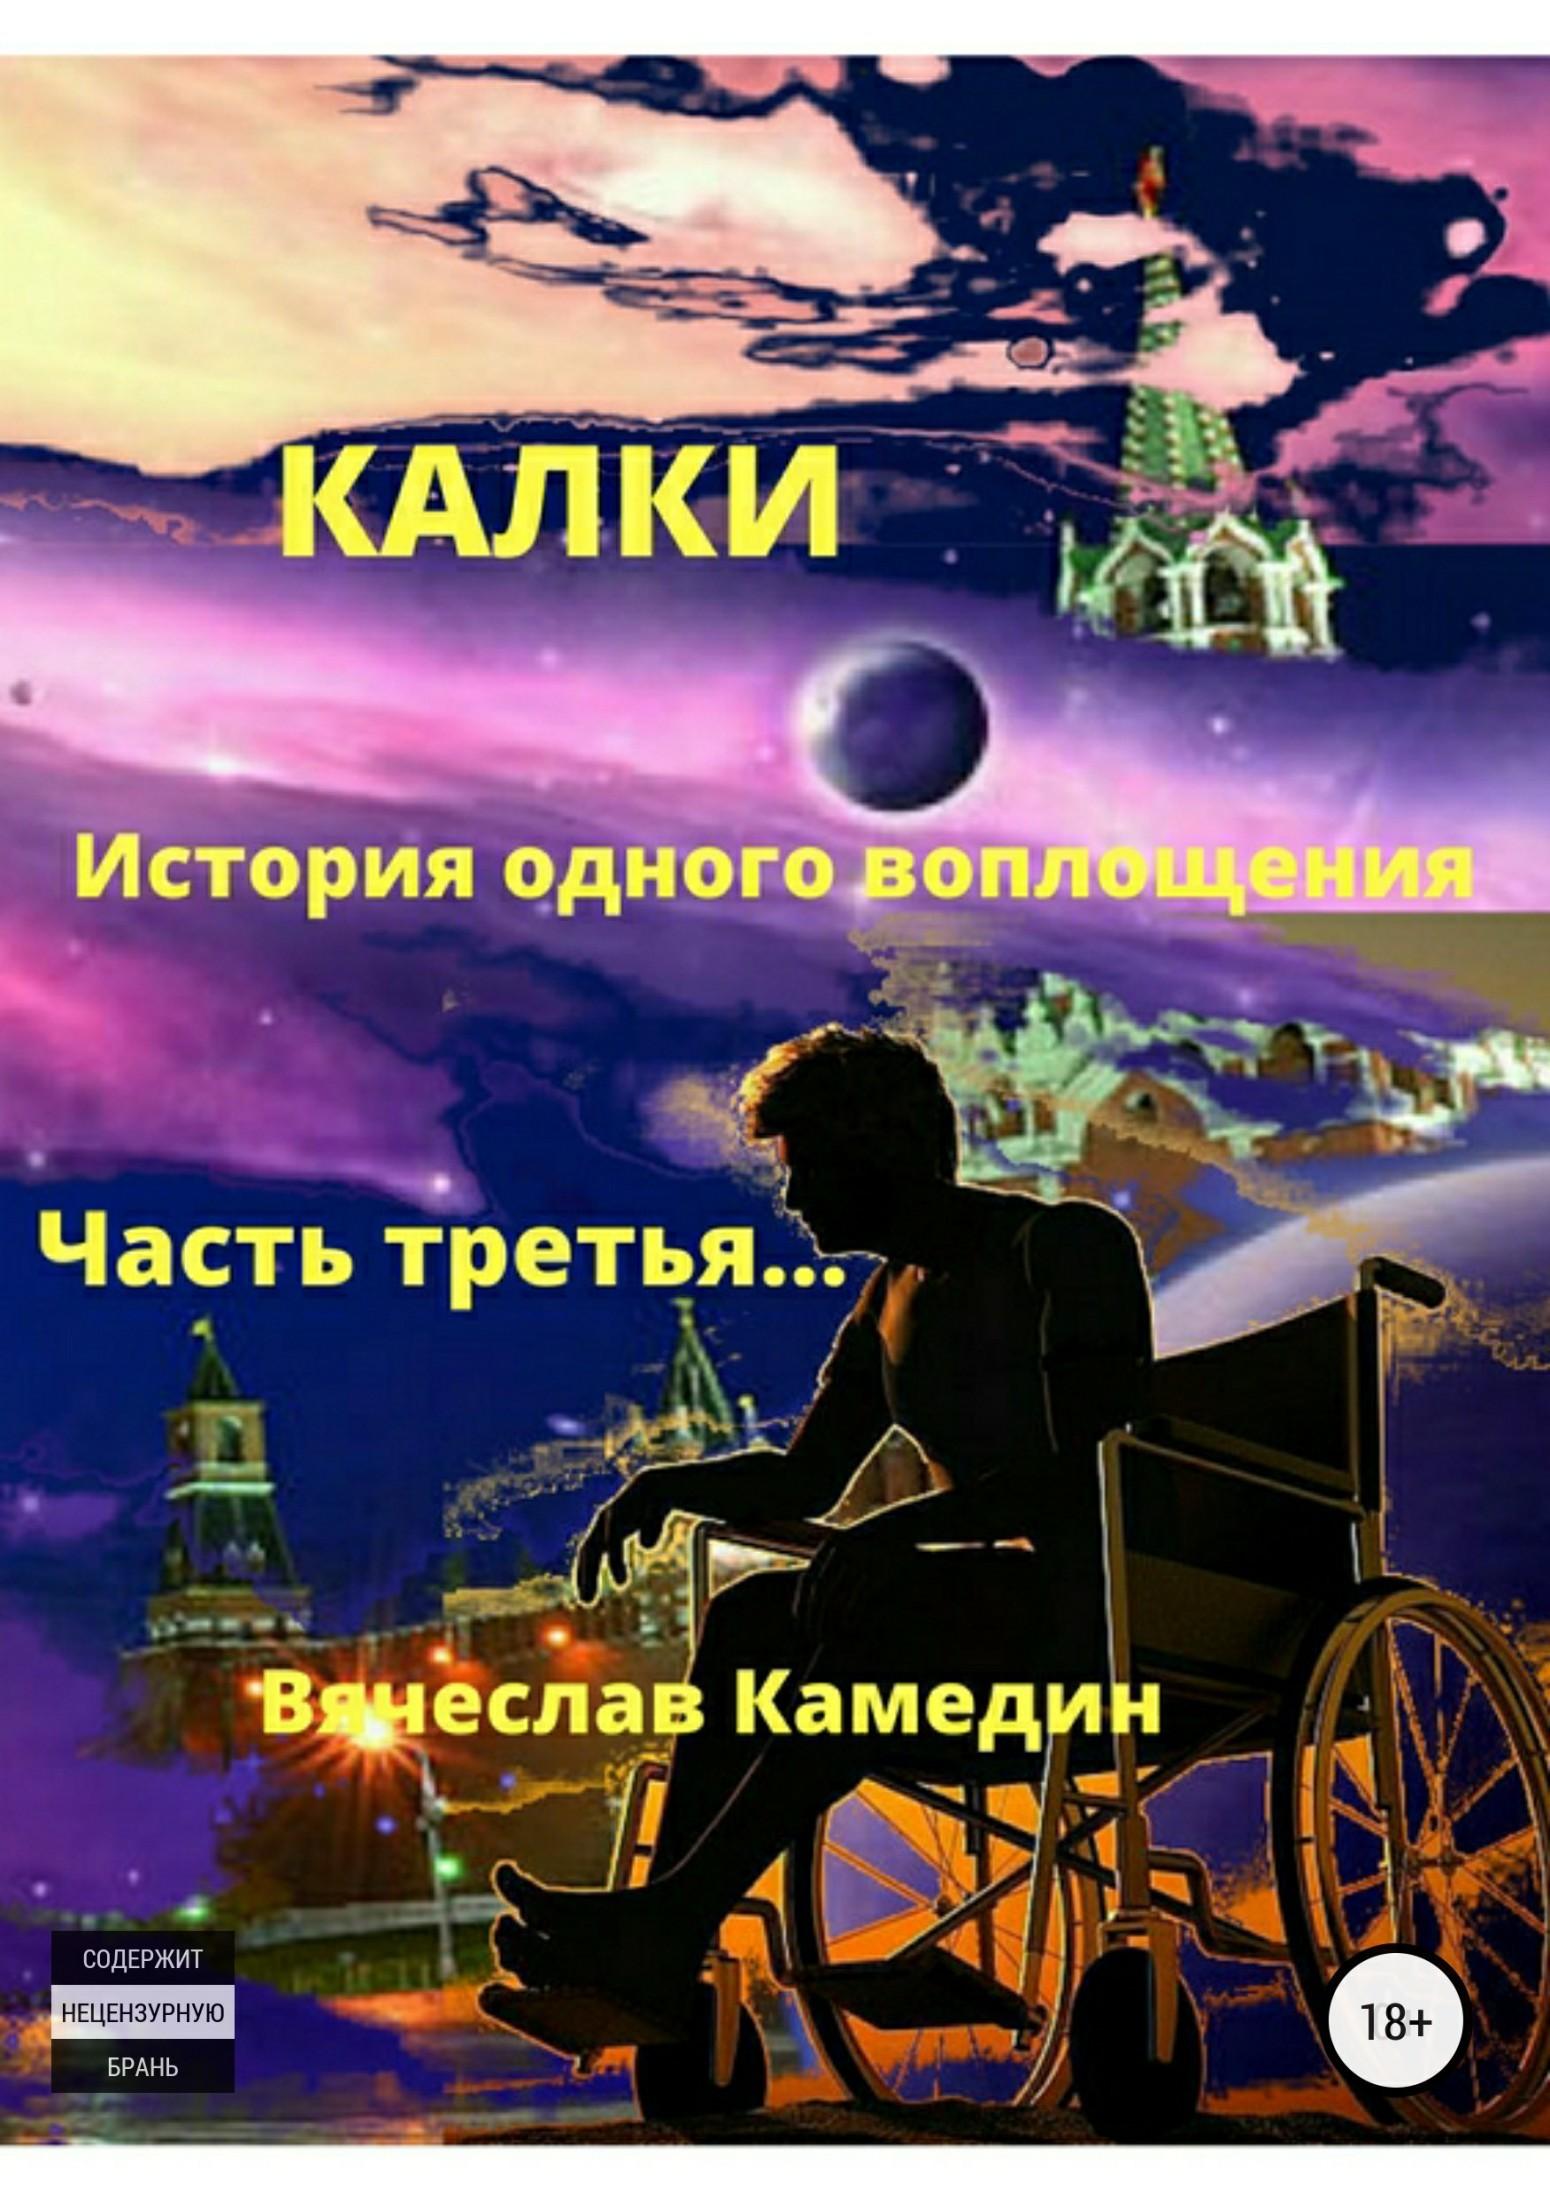 Вячеслав Владимирович Камедин. Калки. История одного воплощения. Часть третья